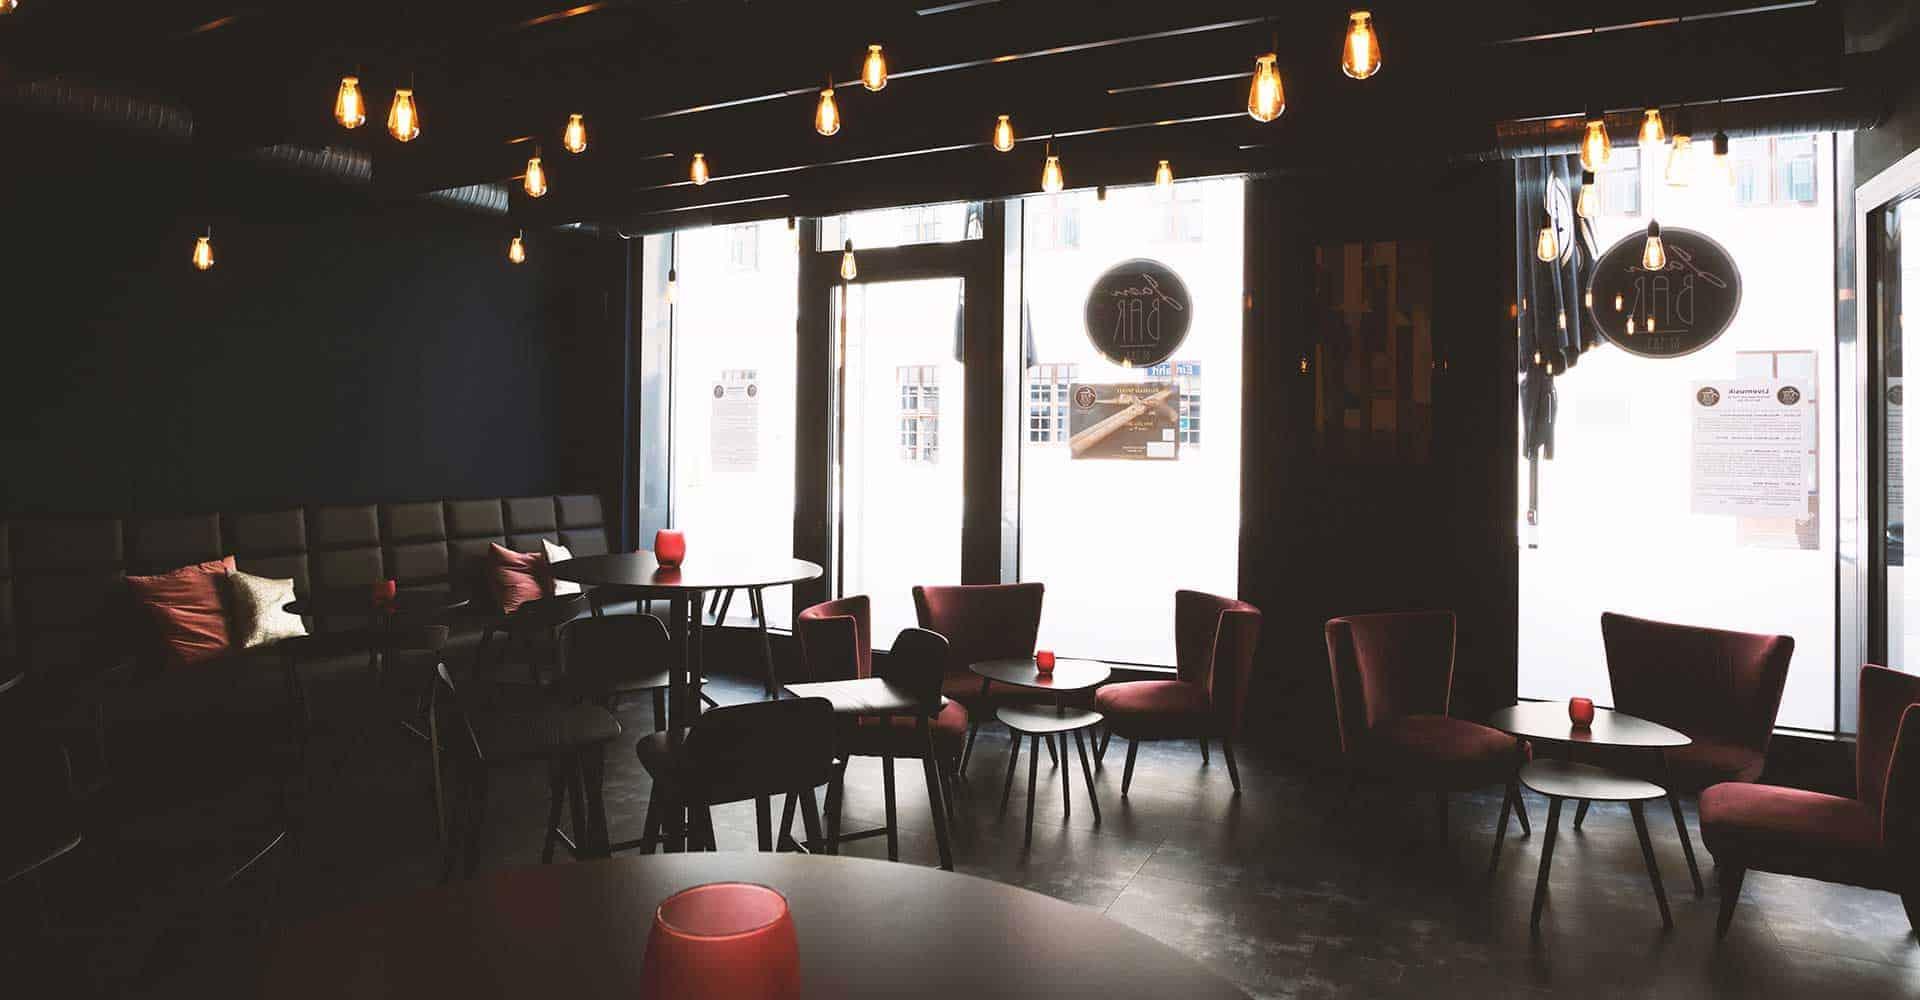 JAM BAR BY S.K.Y., Dresden, Getraenke, Live, Musik, Gastronomie, Bestuhlung, 140 qm, Raumkonzept, Architektur, GU-Leistung, Marketing, Ladenbau, Buehne, Innenausbau